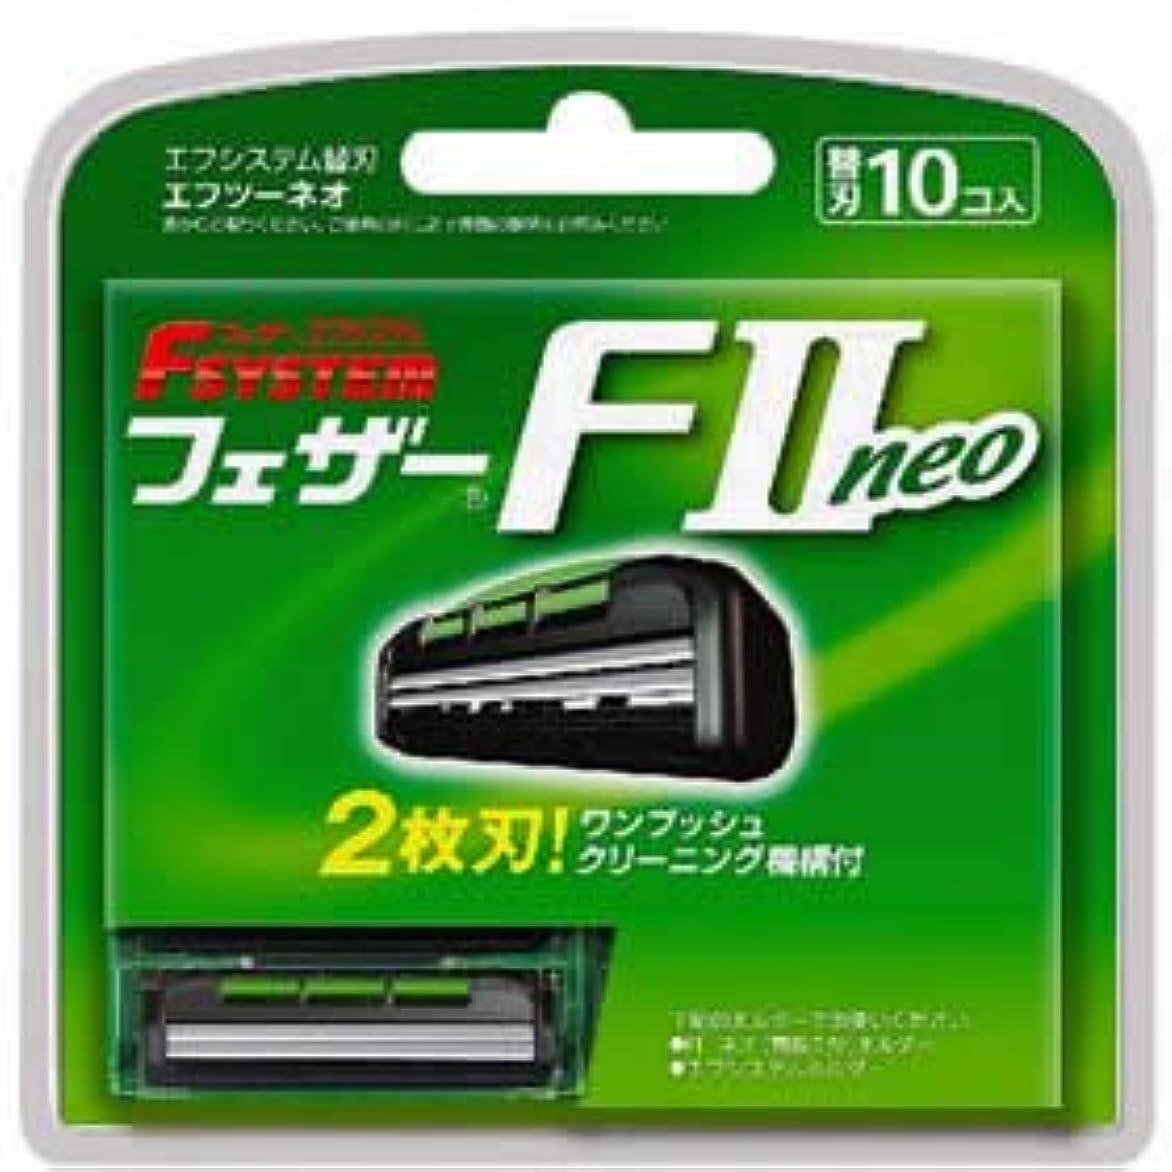 カジュアル提供する汚染されたフェザー エフシステム F2ネオ 替刃 10個